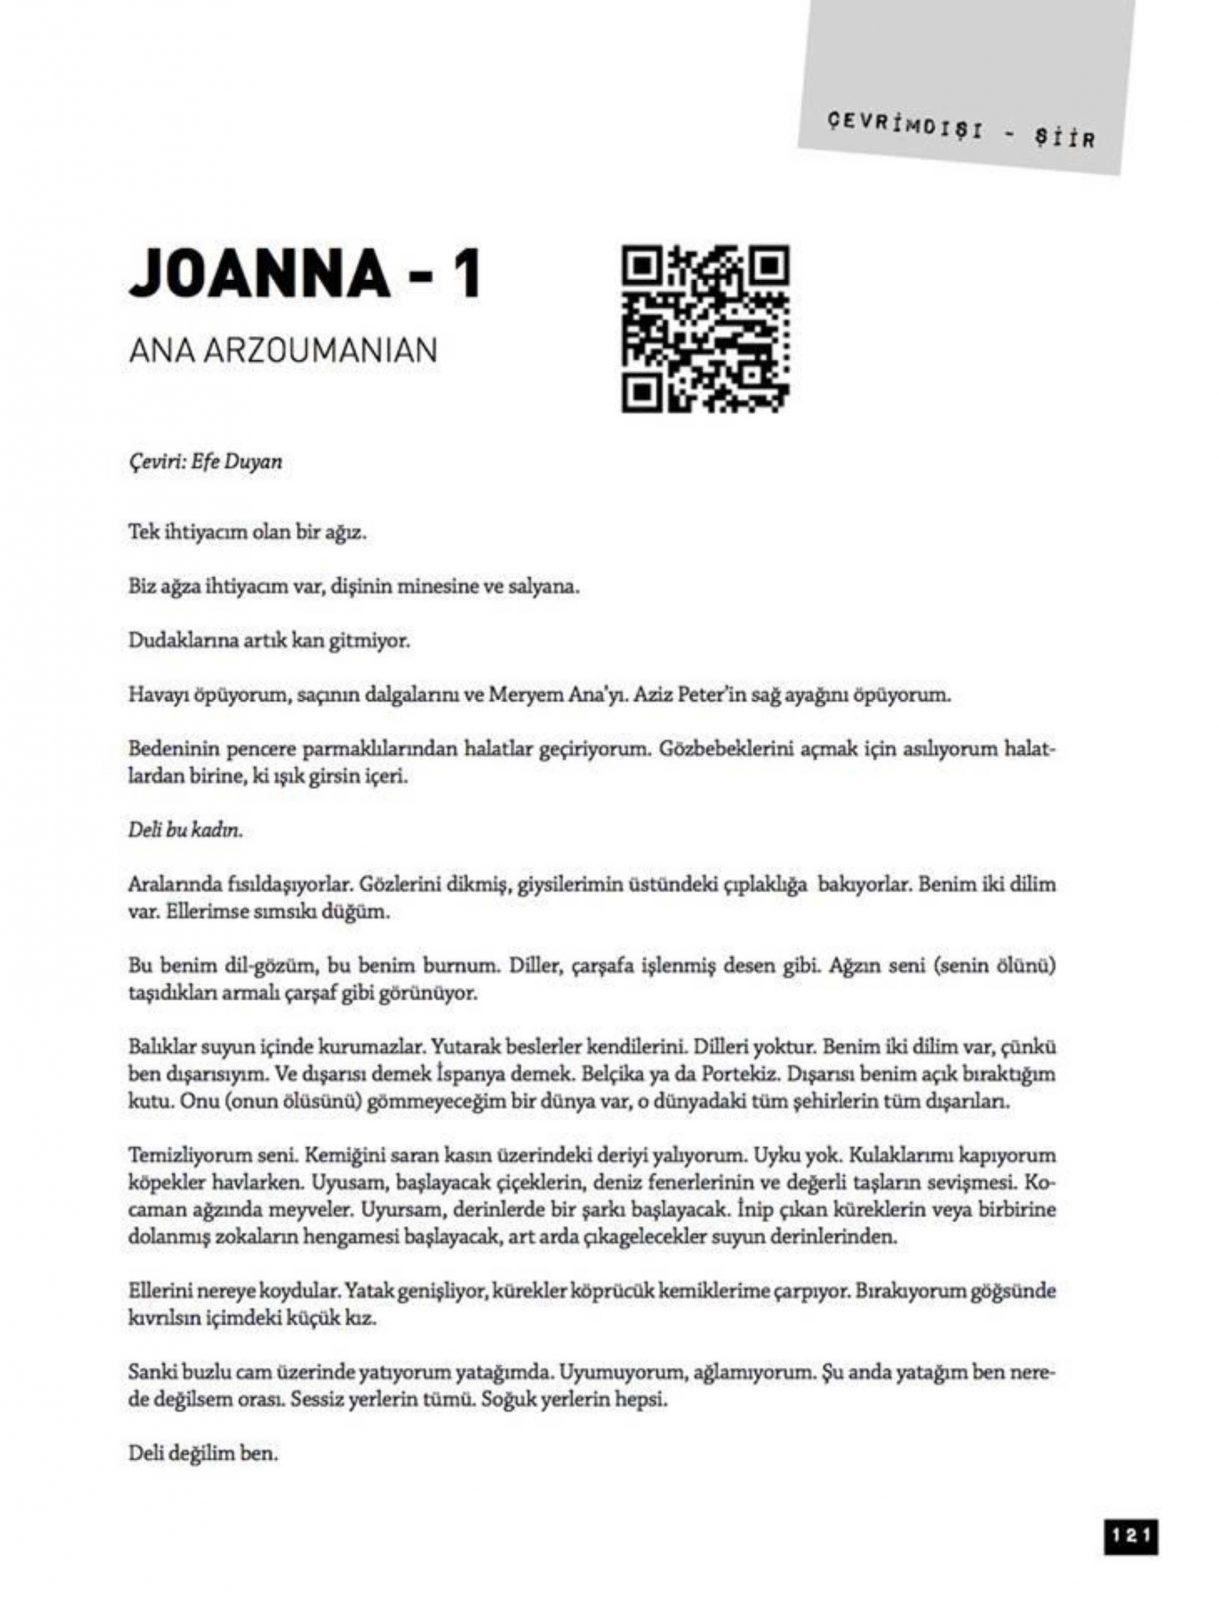 traducciones-5-tapa-juana-i-fragmento-traducido-al-turco-por-efe-duyan